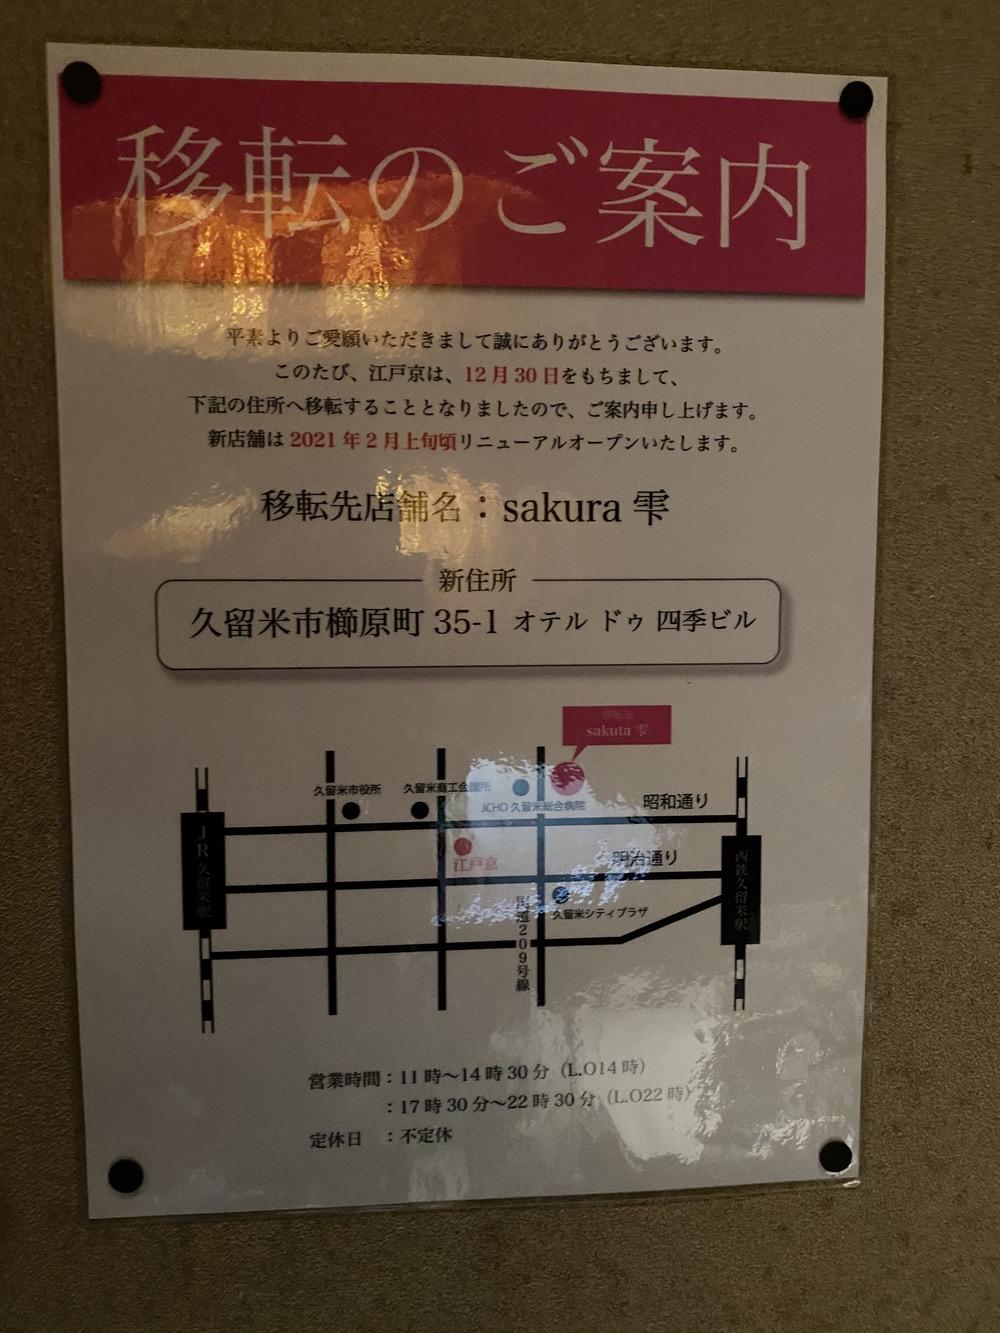 江戸京 移転のお知らせ 2021年2月上旬頃 『Sakura雫』となってリニューアルオープン